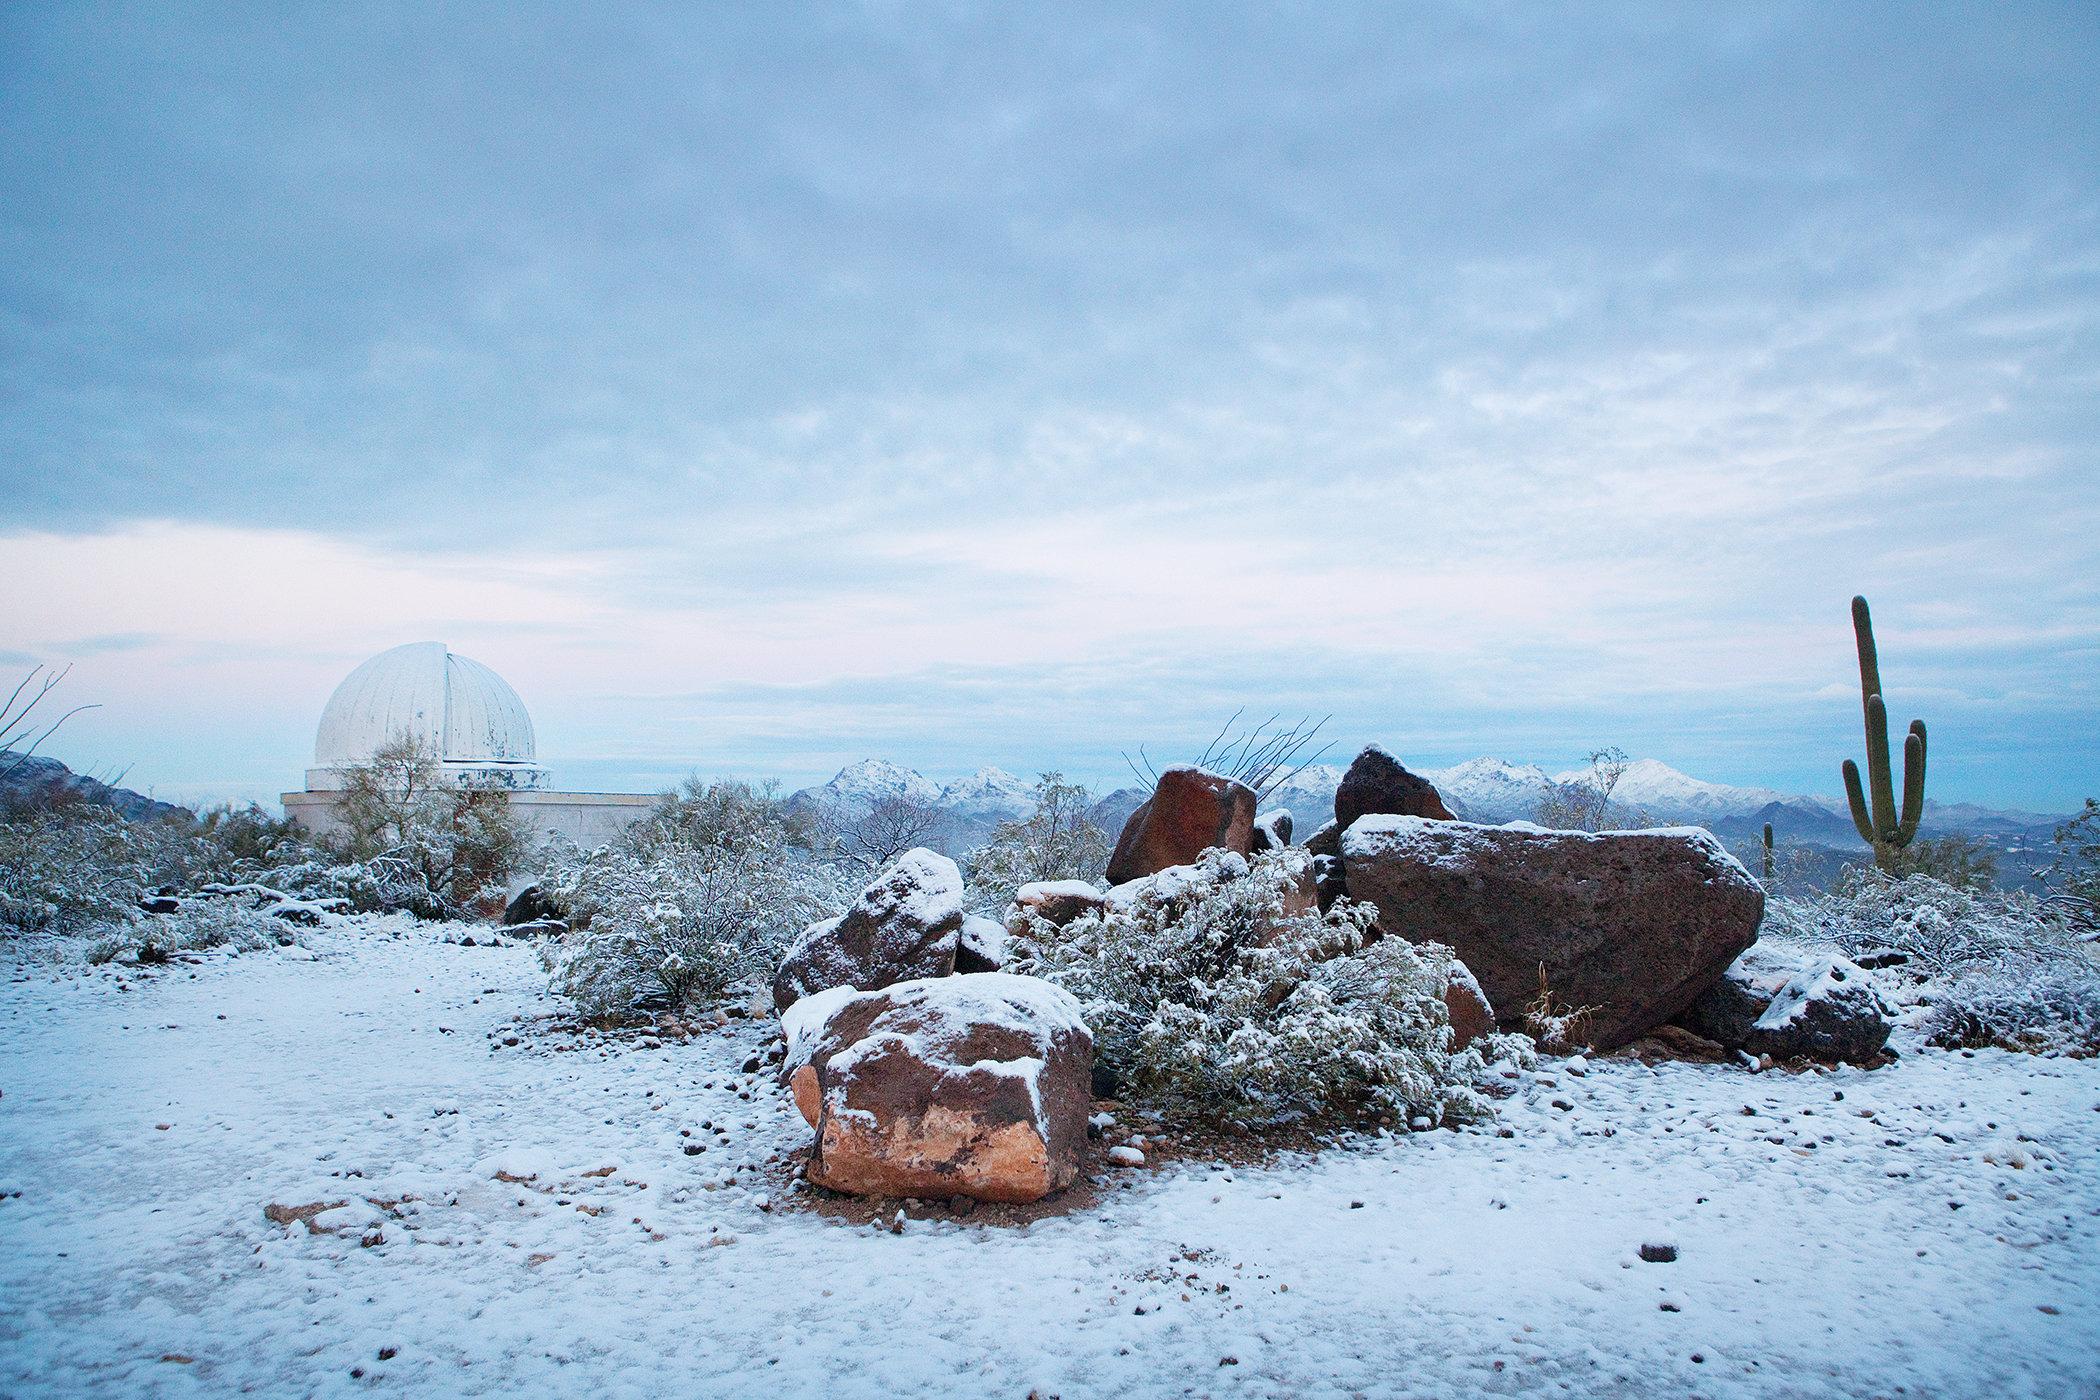 Snowy Tumamoc III